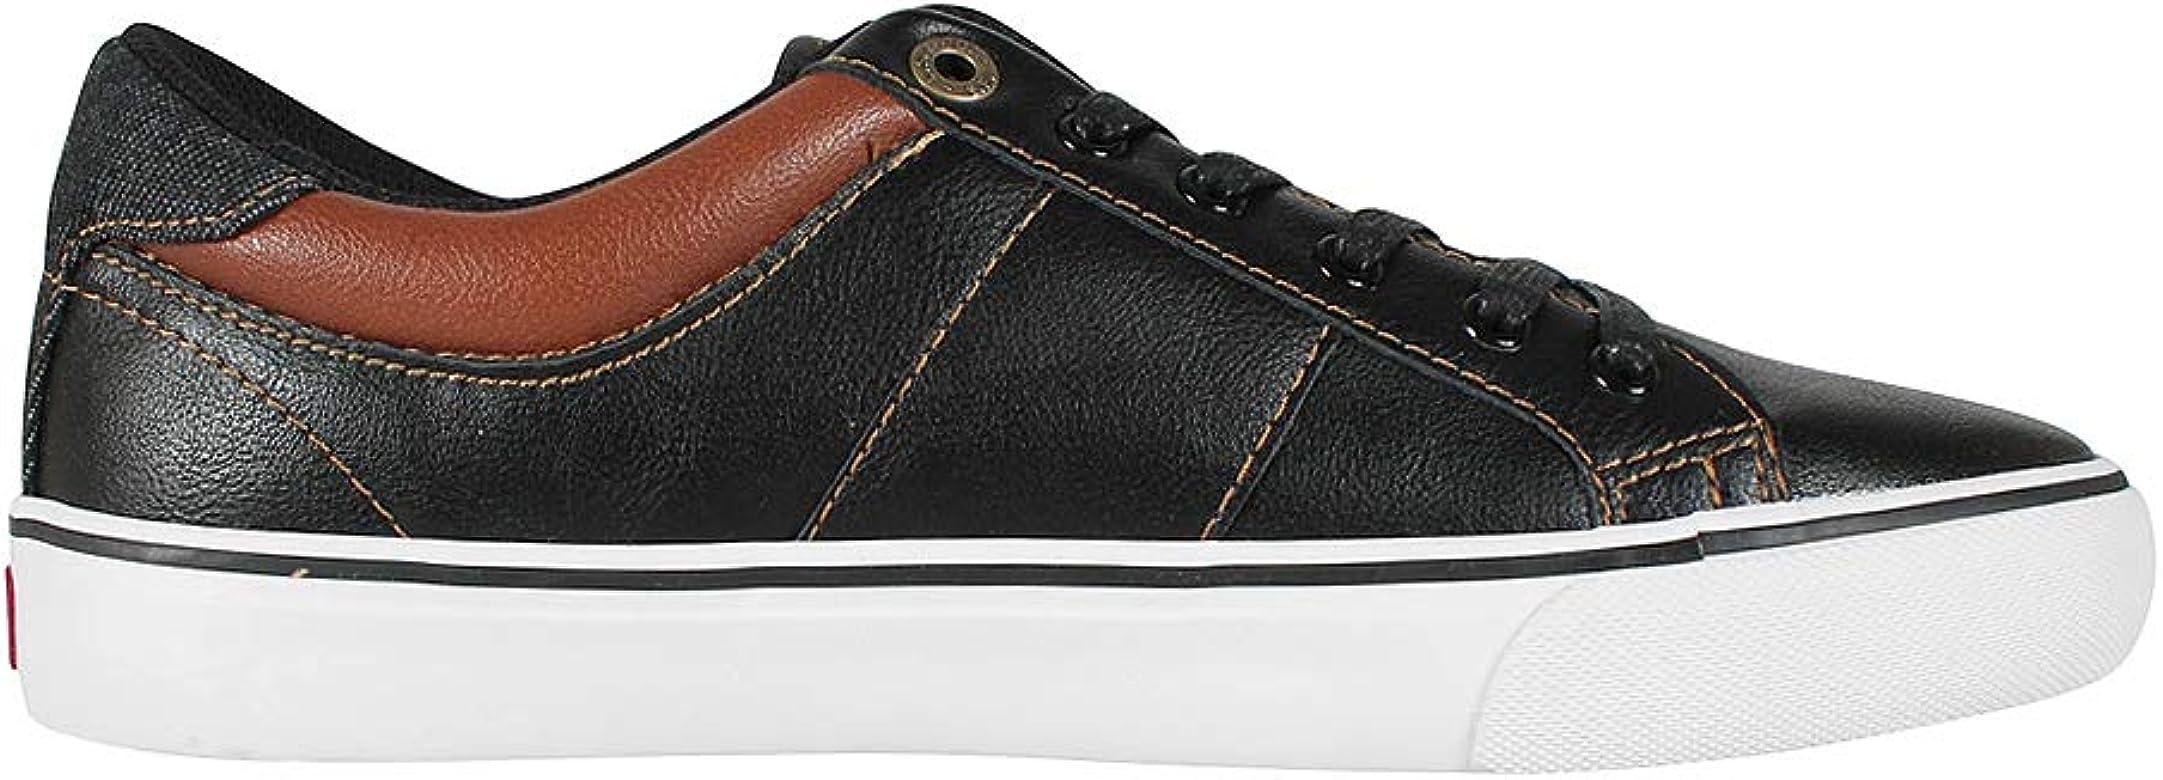 Levis Hombre Sneaker Abbott Regular Black, Schuhe Herren:40: Amazon.es: Zapatos y complementos